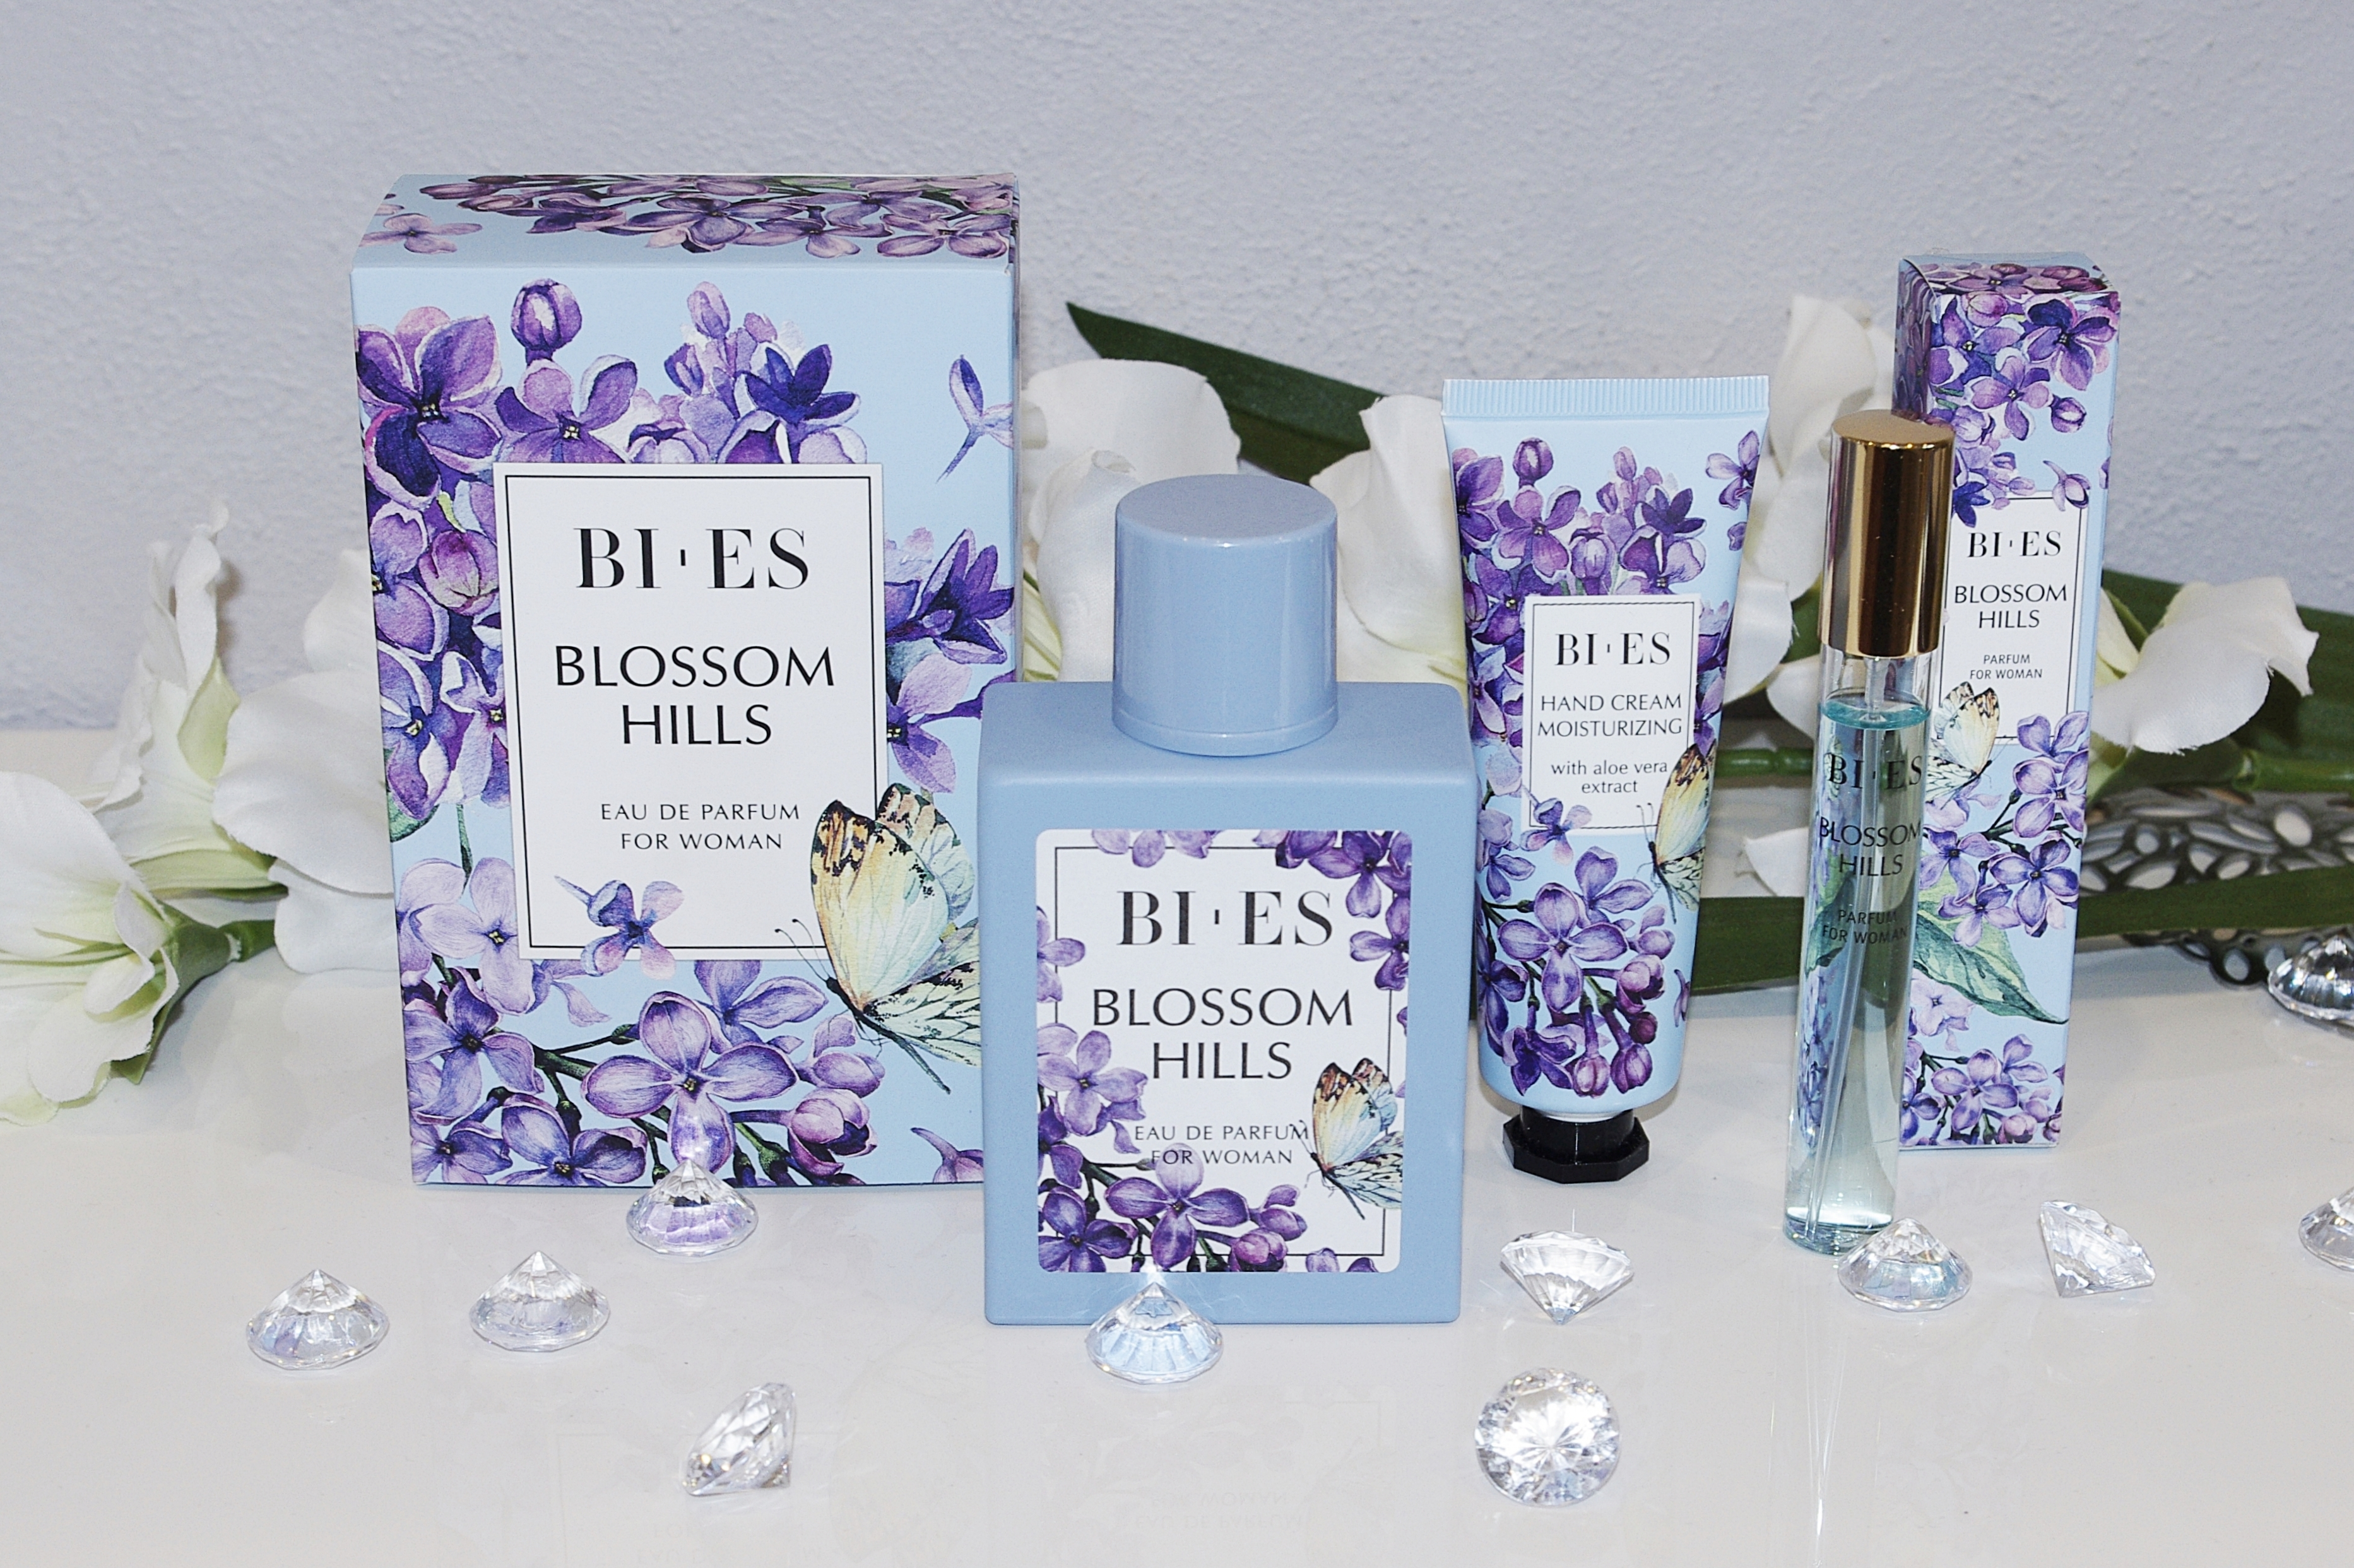 bi-es blossom hills